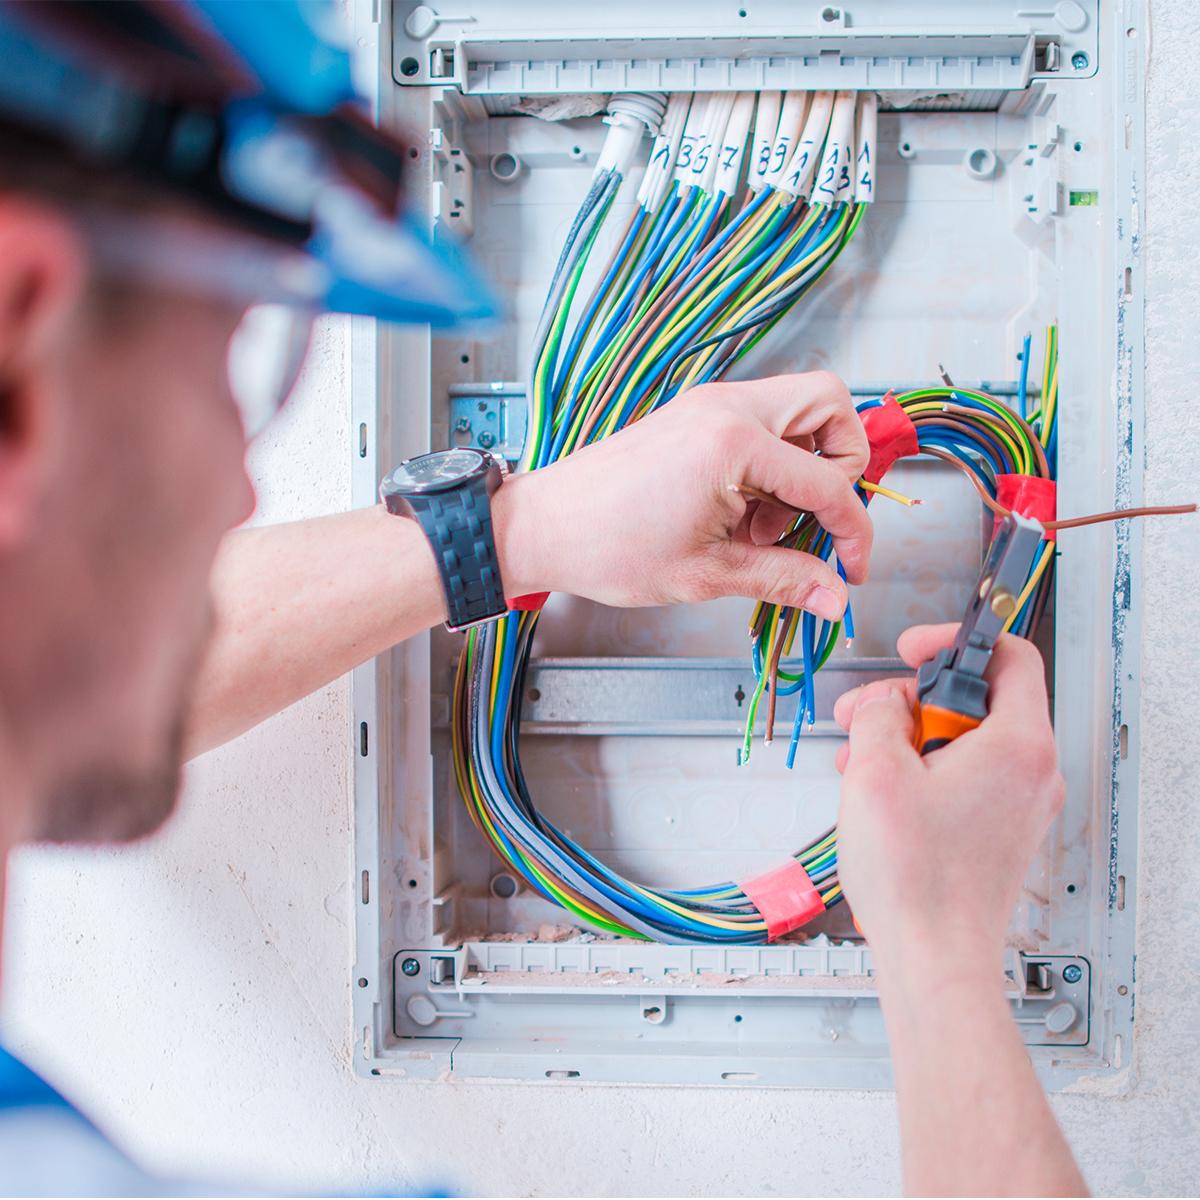 Reparación de averías eléctricas en Madrid, Colmenra Viejo